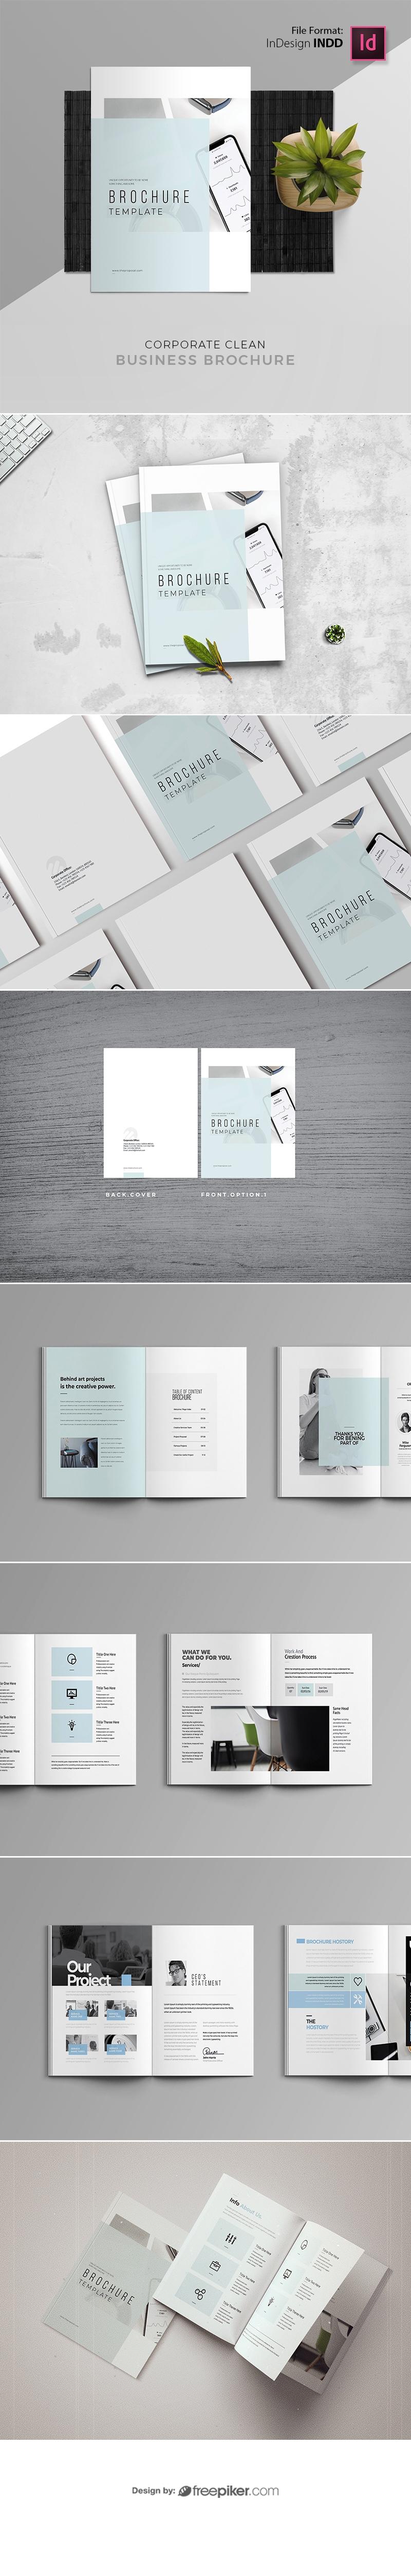 Corporate Minimal Brochure Template